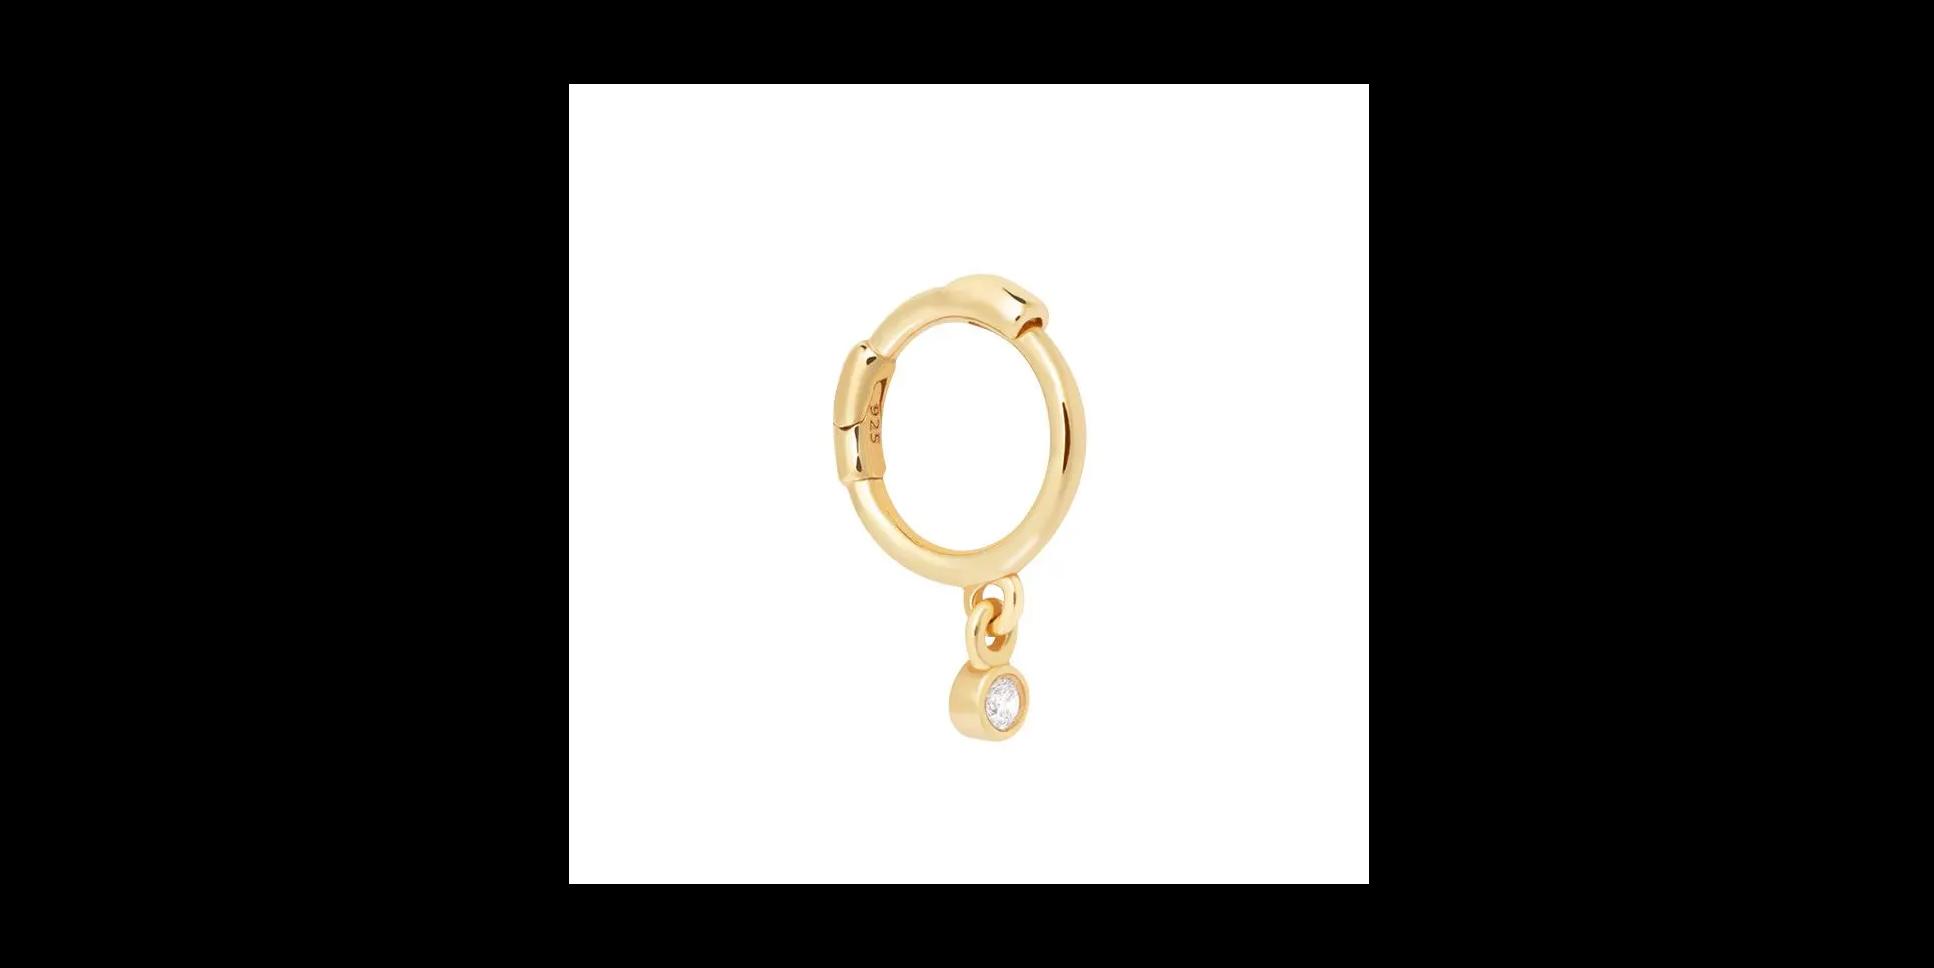 Diamond Clicker in Gold